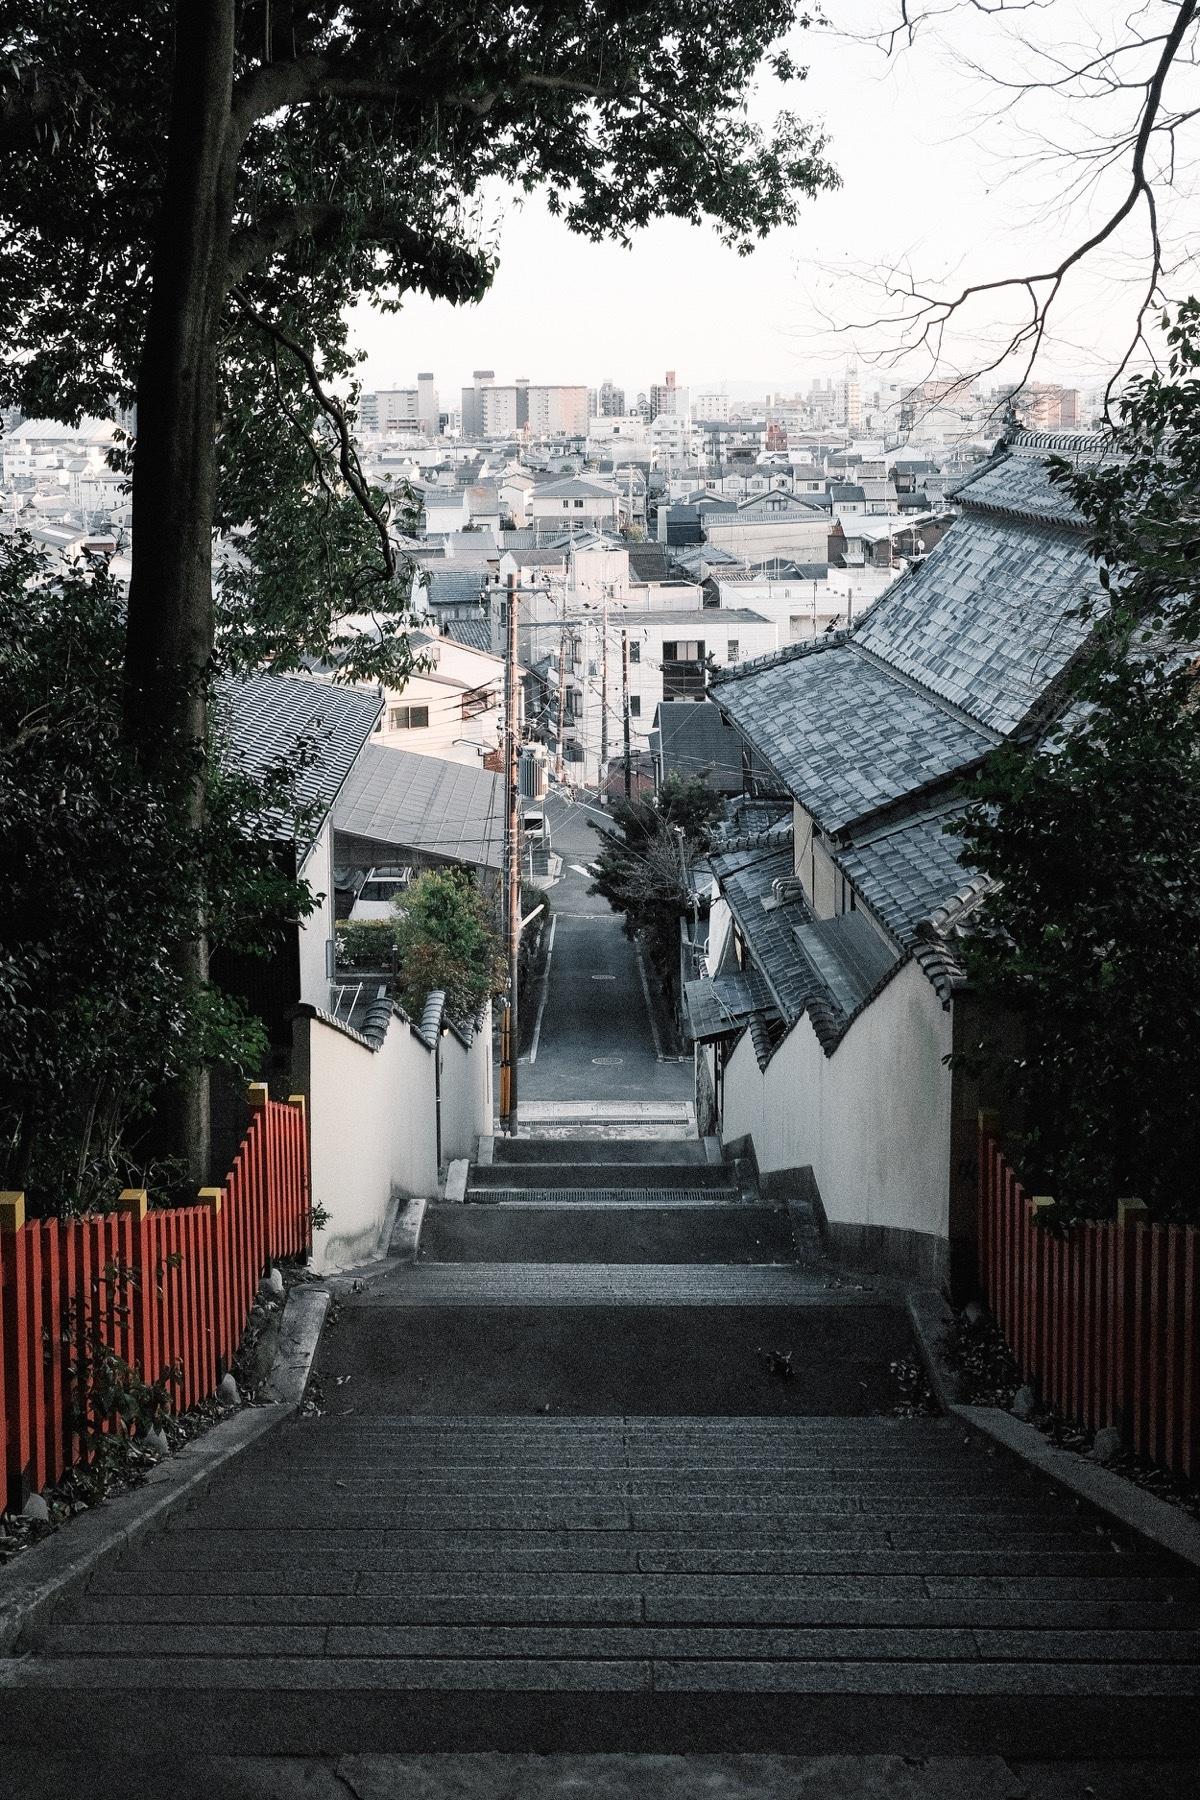 Kinlake-Kyoto-Lifestyle-2018-7001